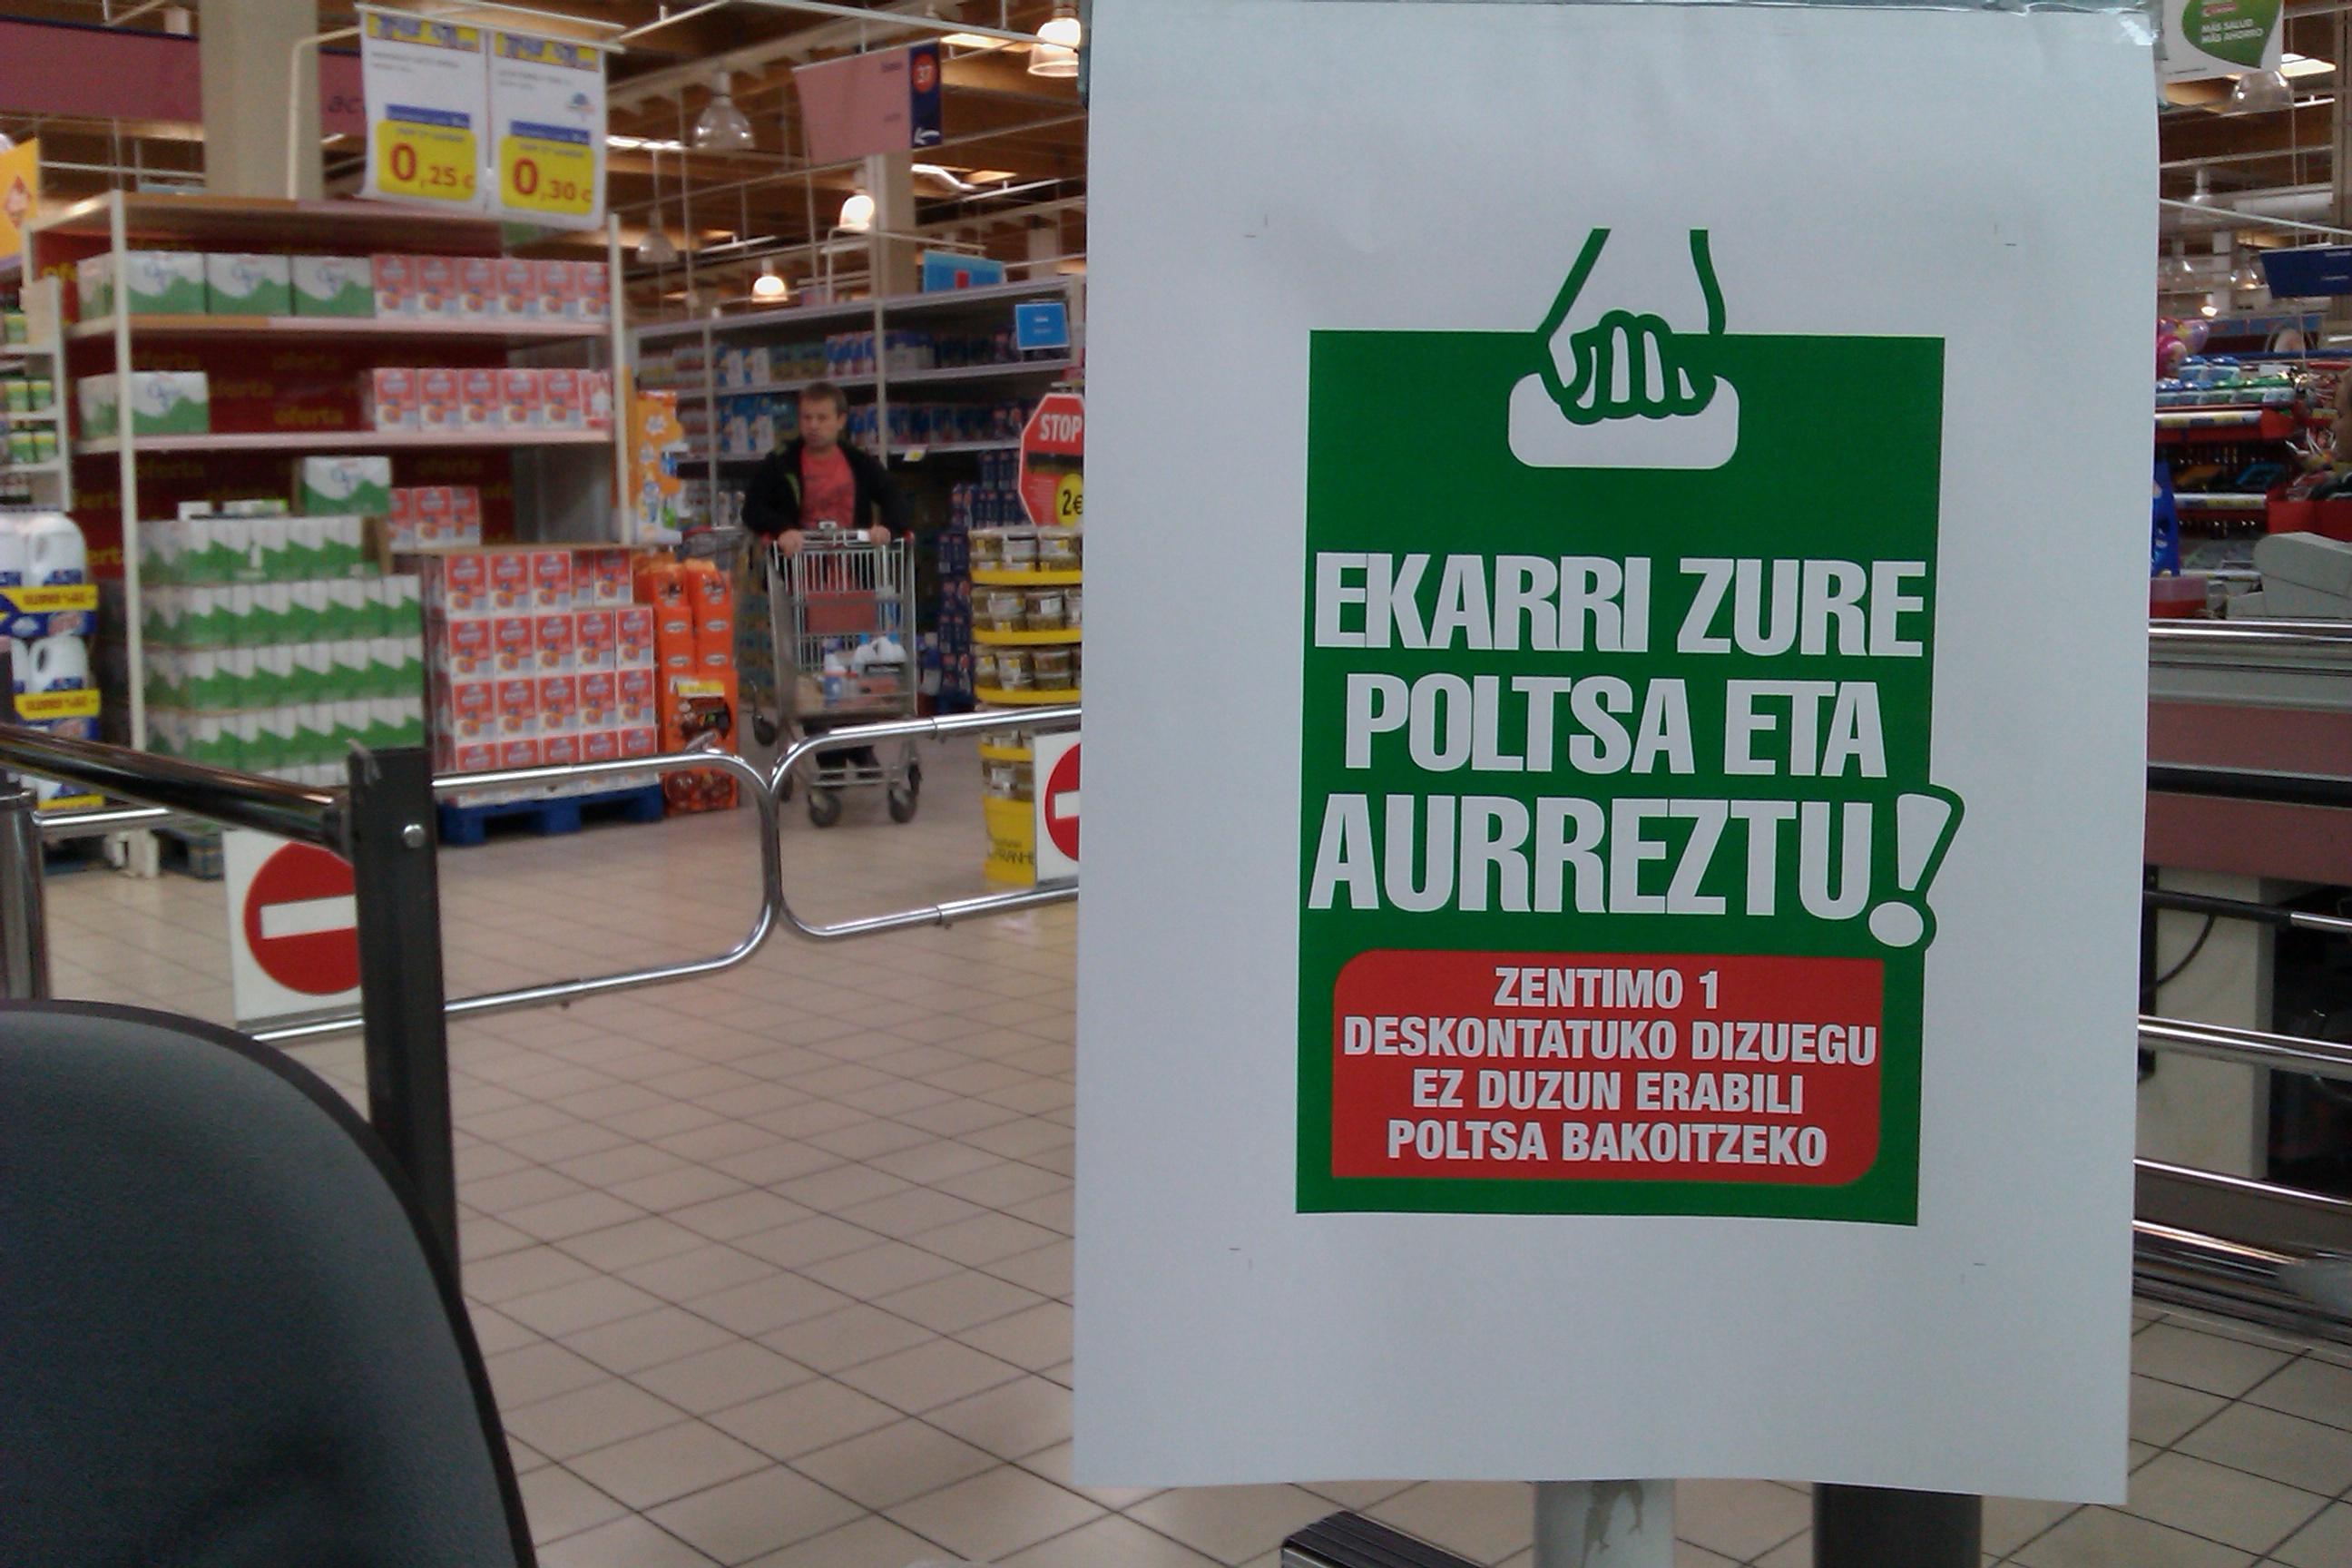 Eskerrik asko Eroski!!! 7